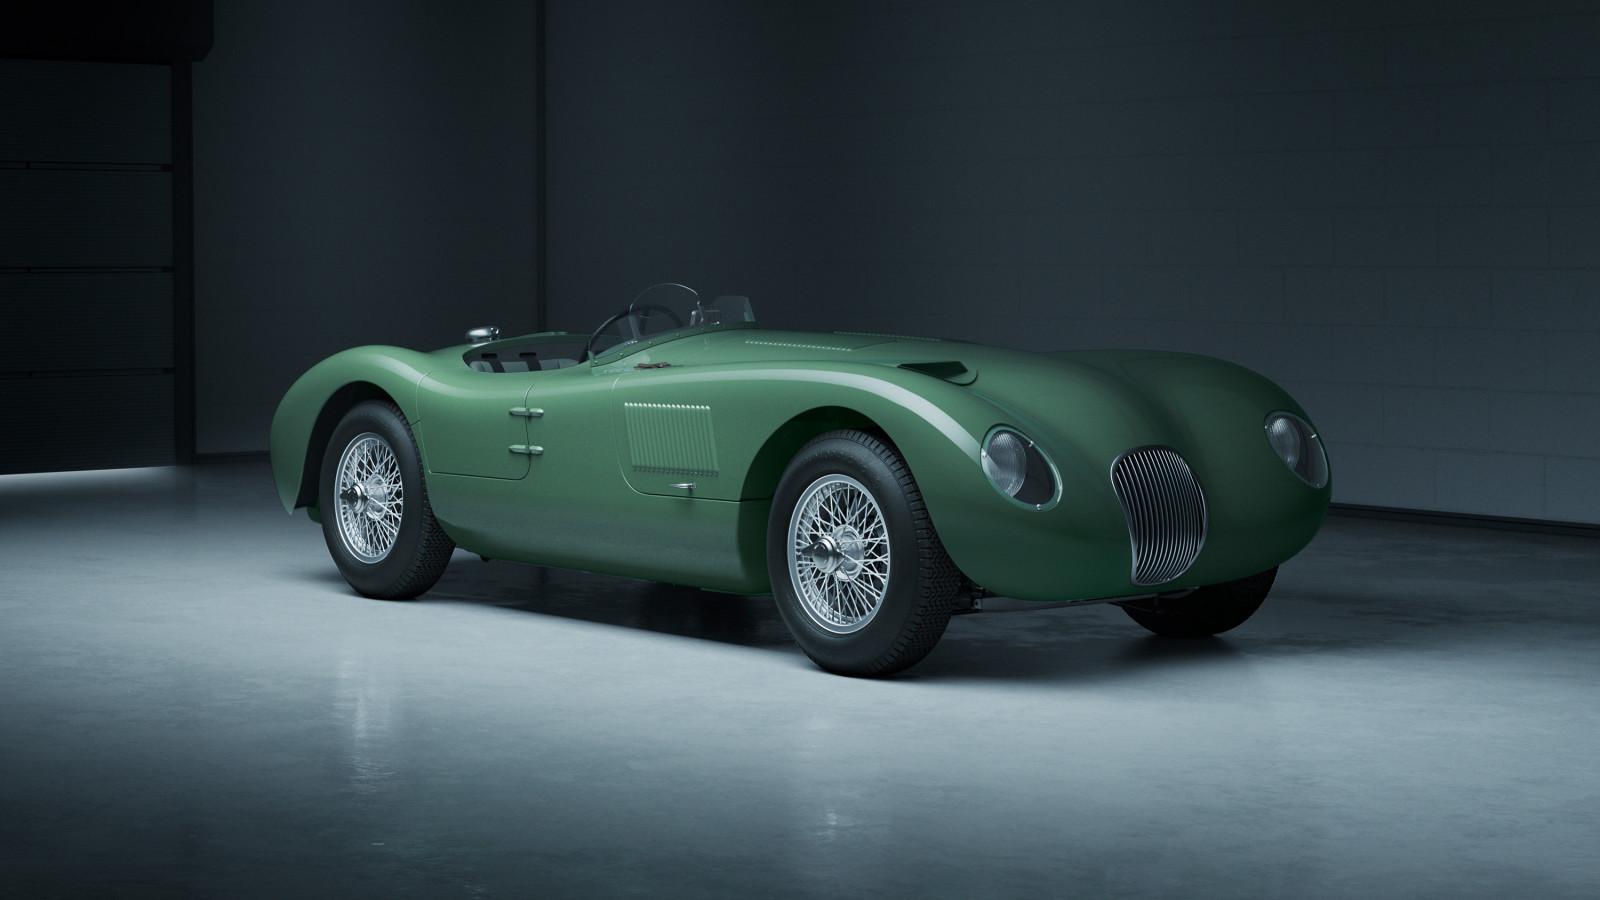 Jaguar legt seinen preisgekrönten C-Type von 1953 neu auf.